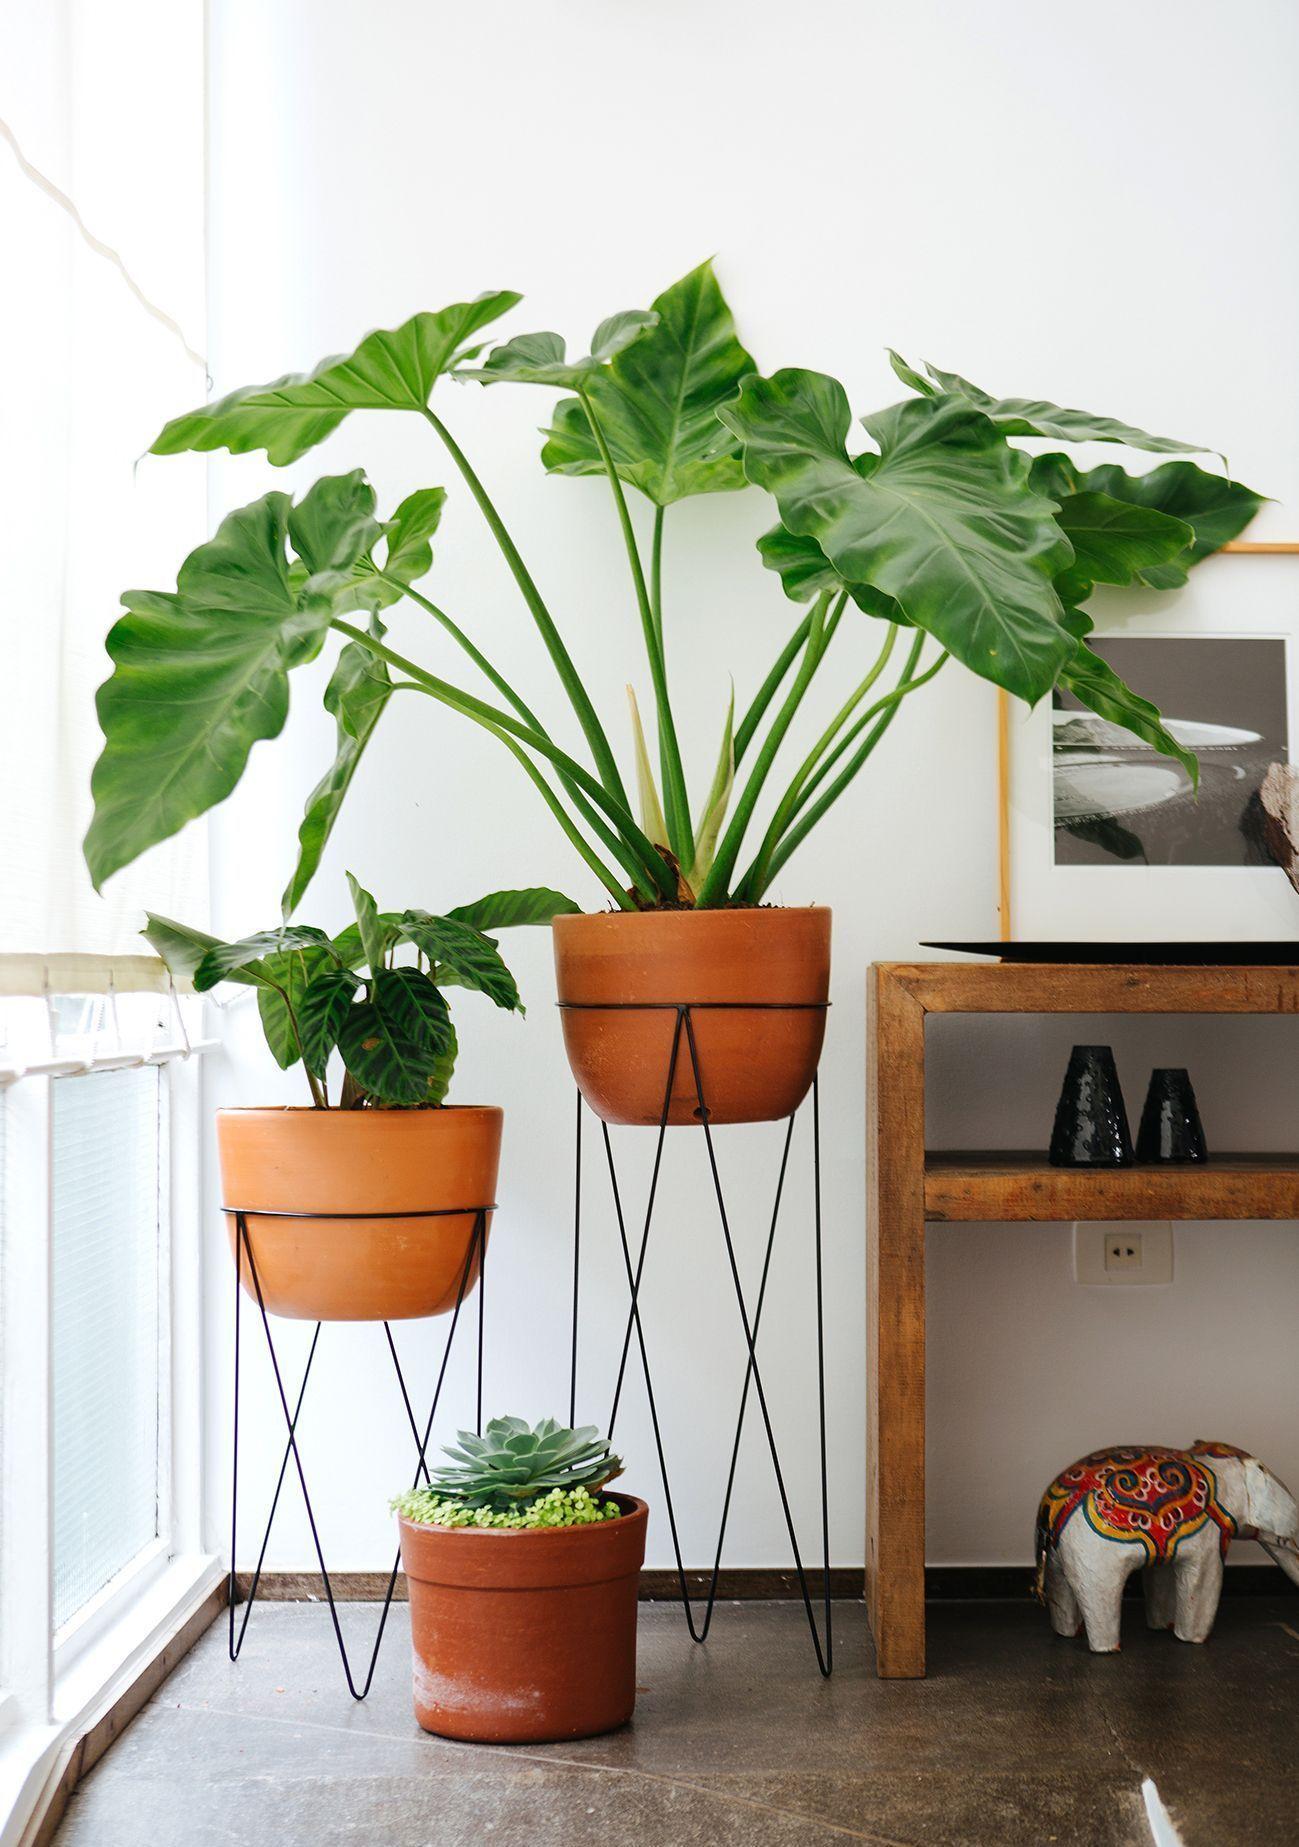 Pflanzen Deko Ideen Frisch Tropische Brisen In Der Dekoration Deko Tipps & Trends